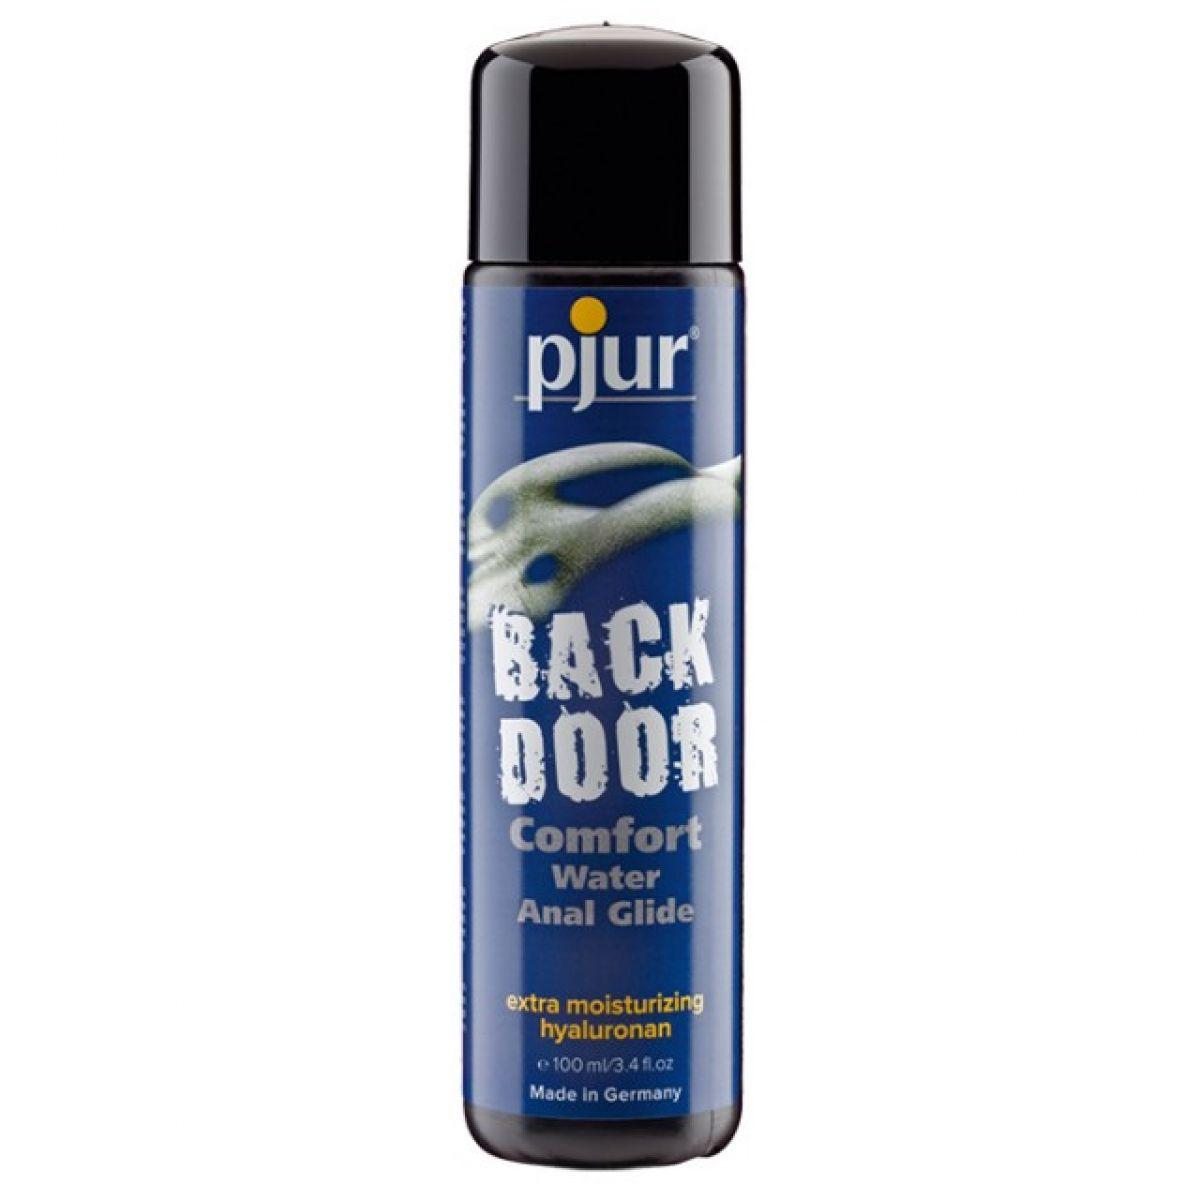 Концентрированный анальный лубрикант pjur back door Comfort Water Anal Glide 100 ml